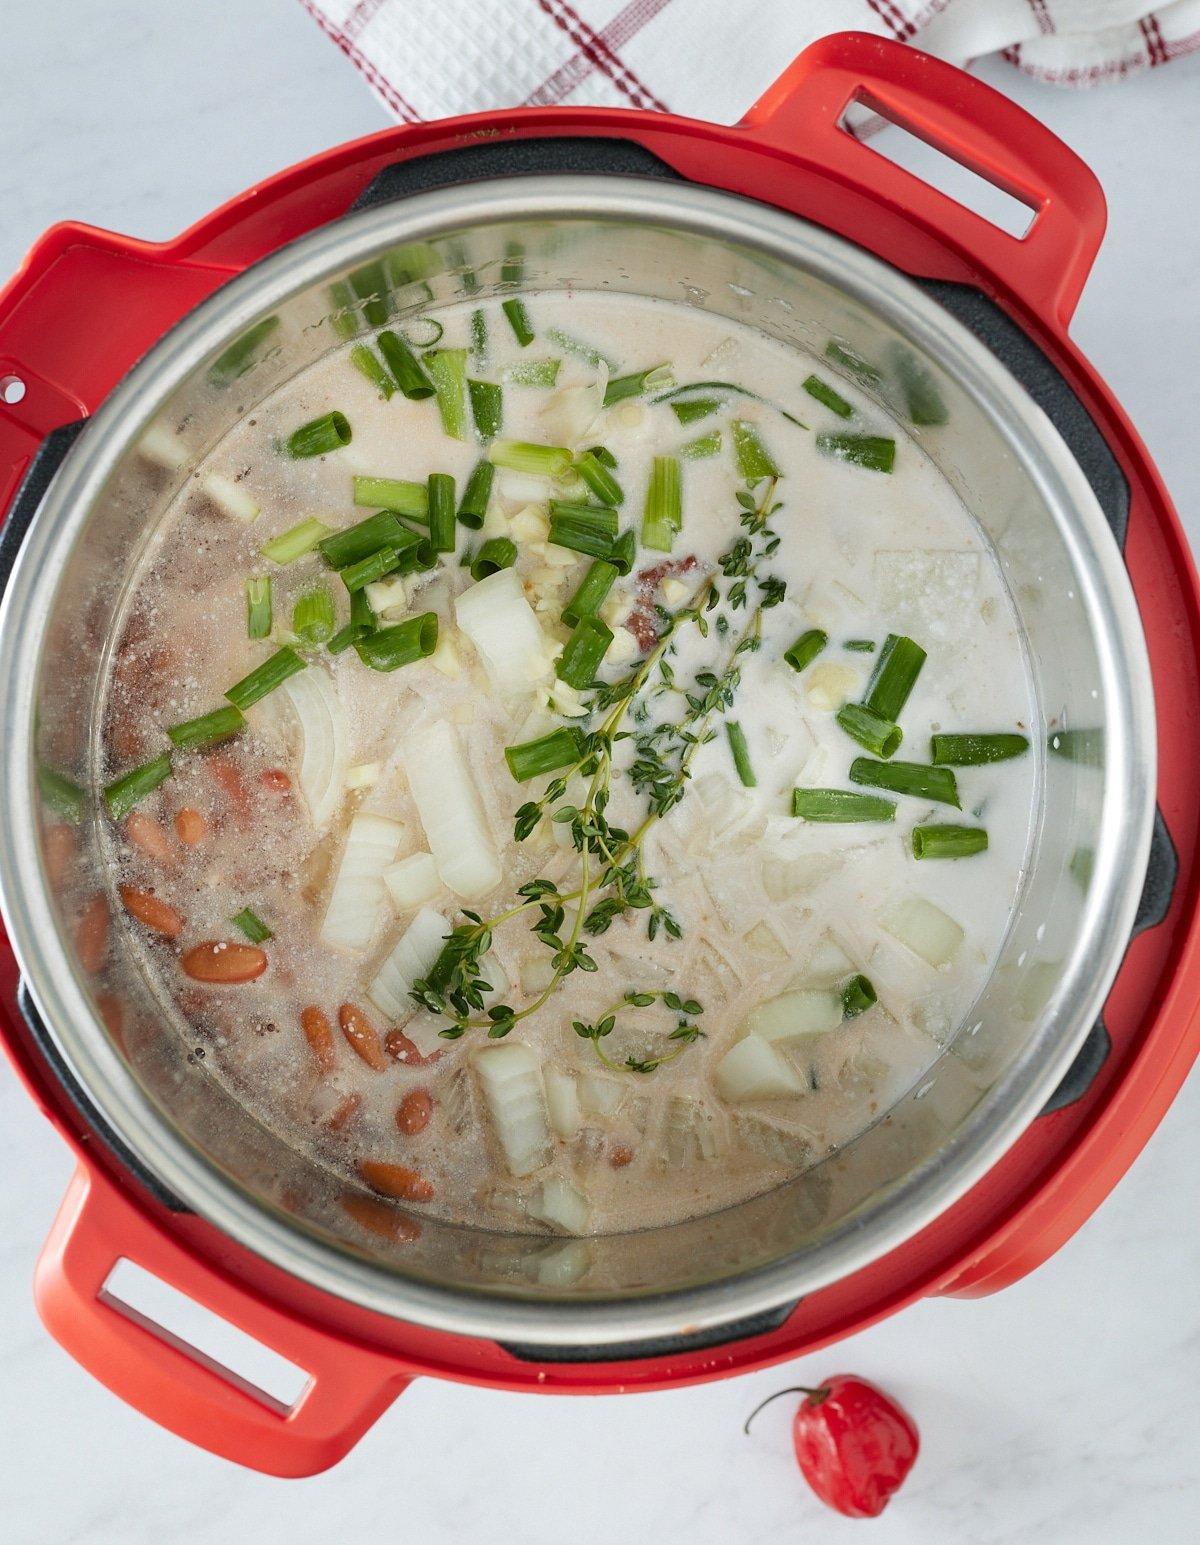 stew peas ingredients in pressure cooker before cooking